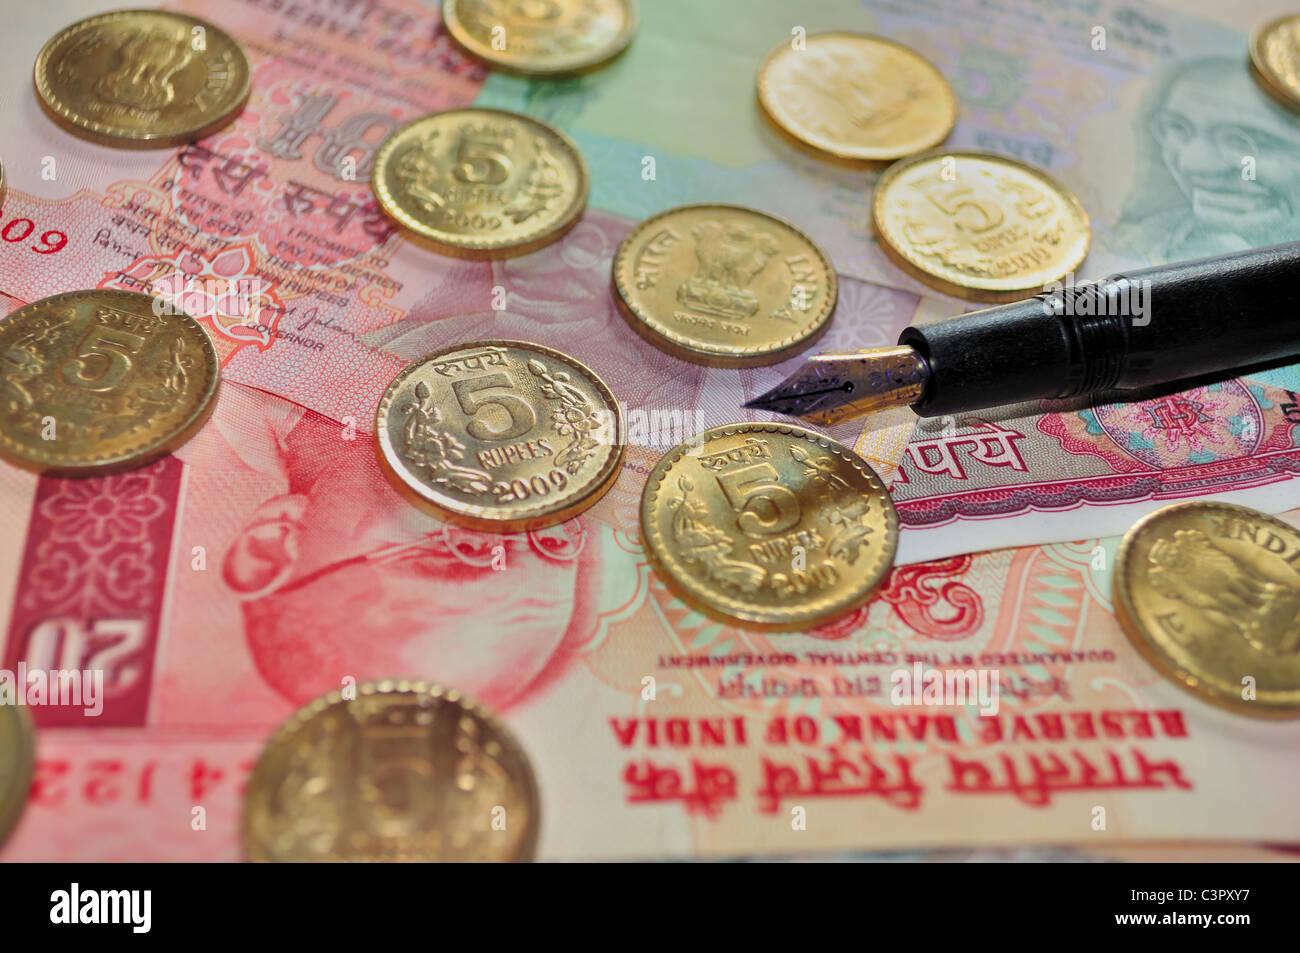 Indische Banknoten Der Bezeichnung Rs10 Und Rs5 Und Münzen